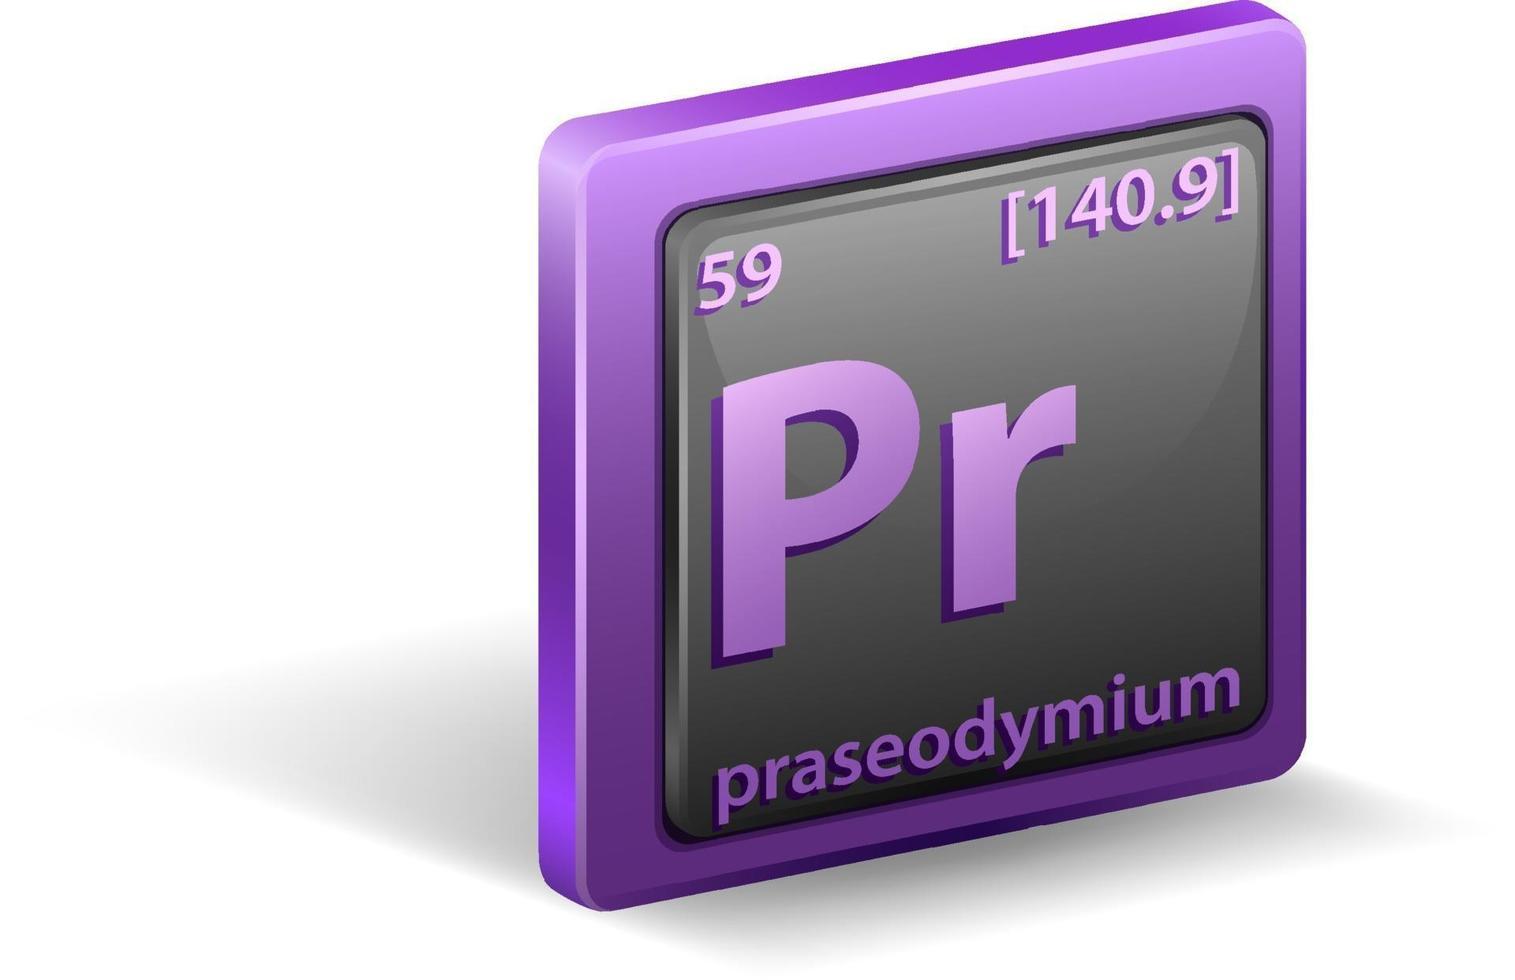 praseodymium scheikundig element. chemisch symbool met atoomnummer en atoommassa. vector